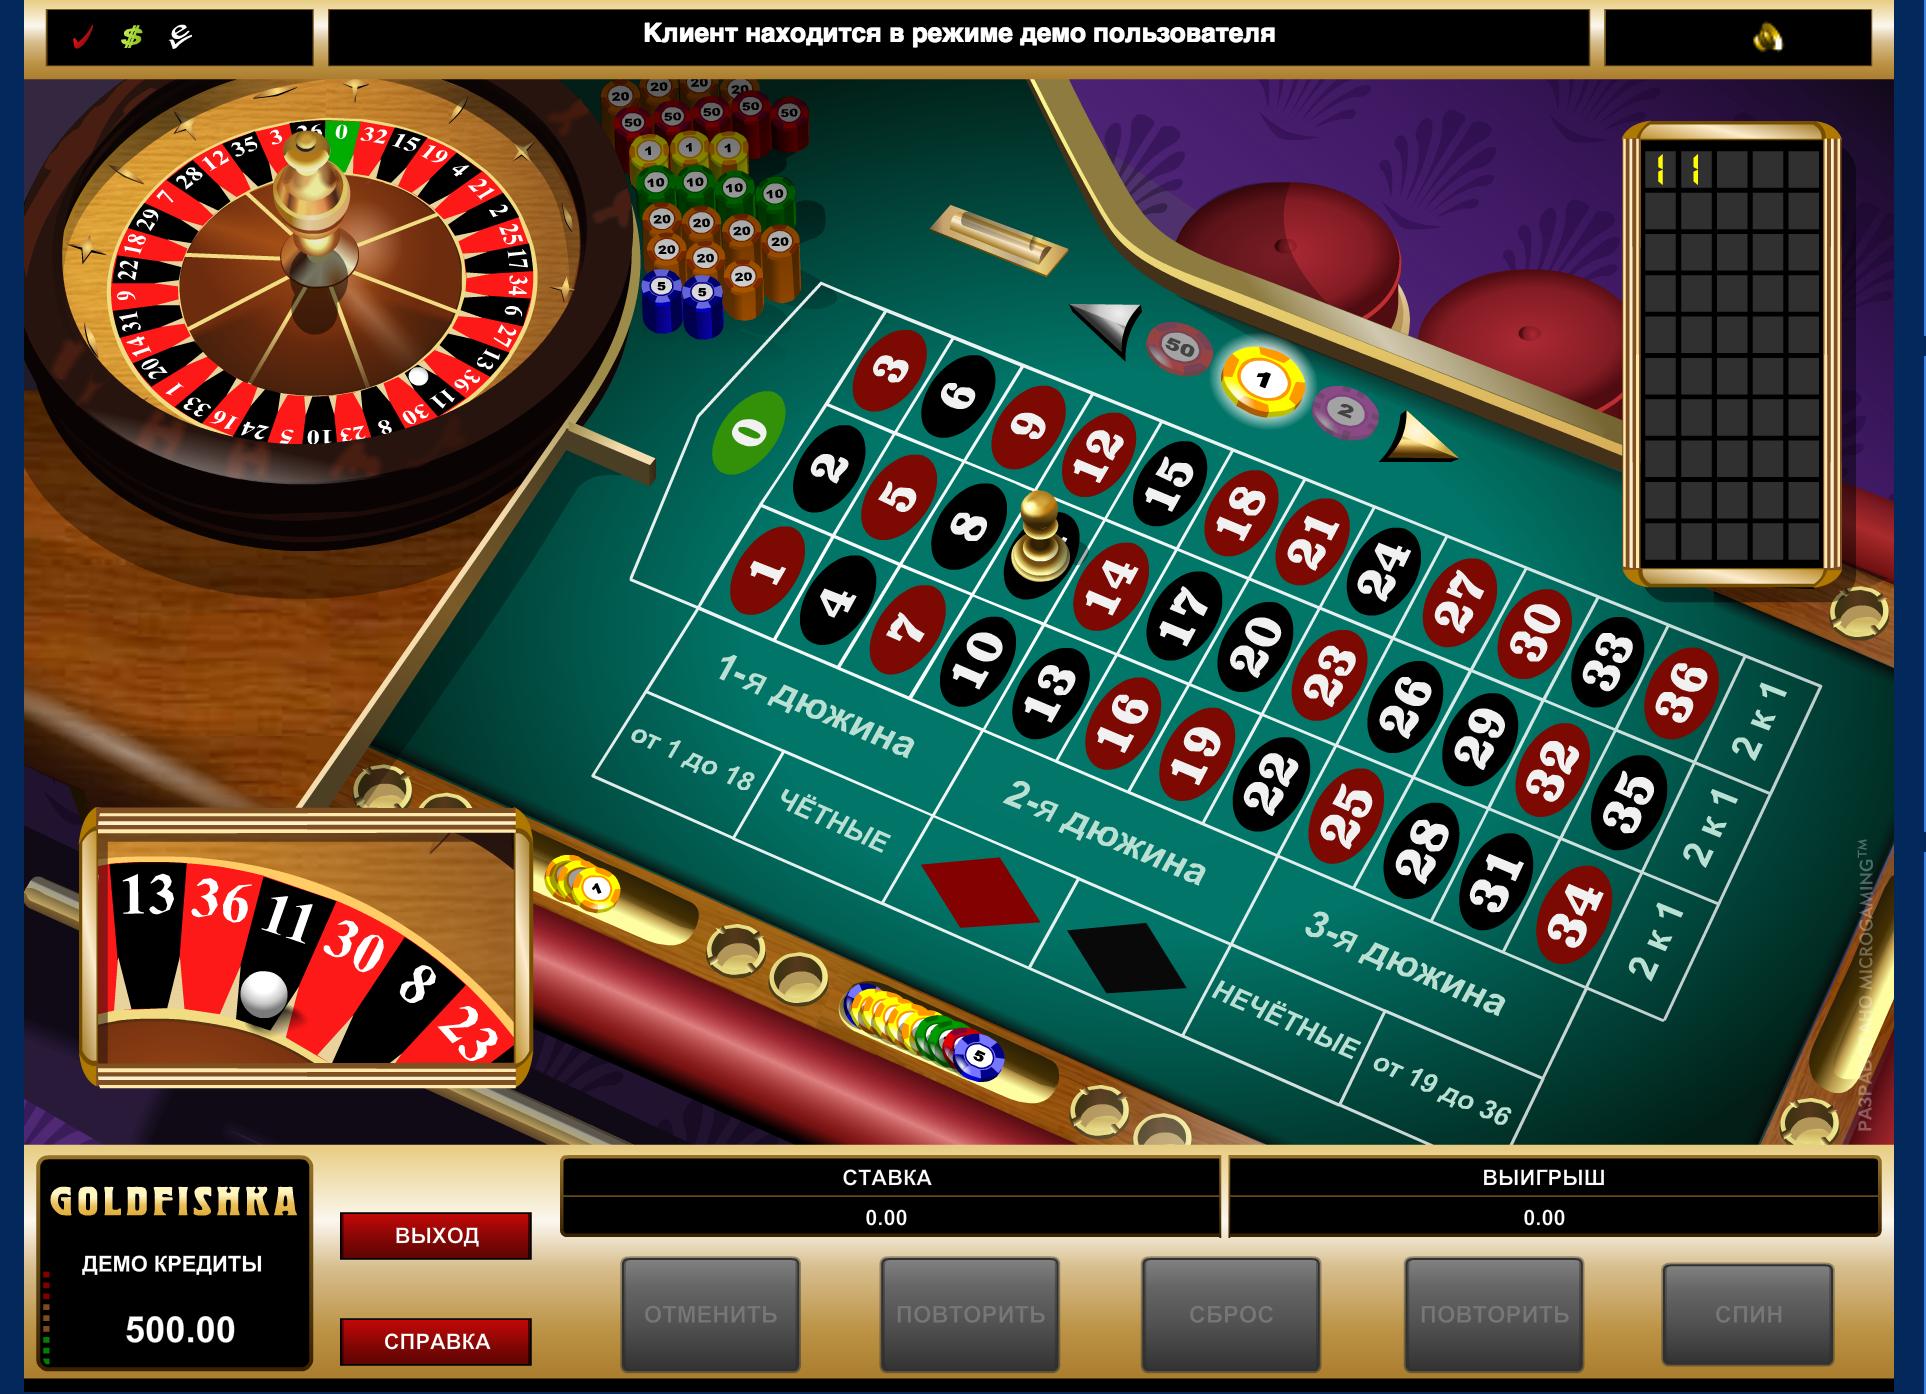 Скачать анимацию казино